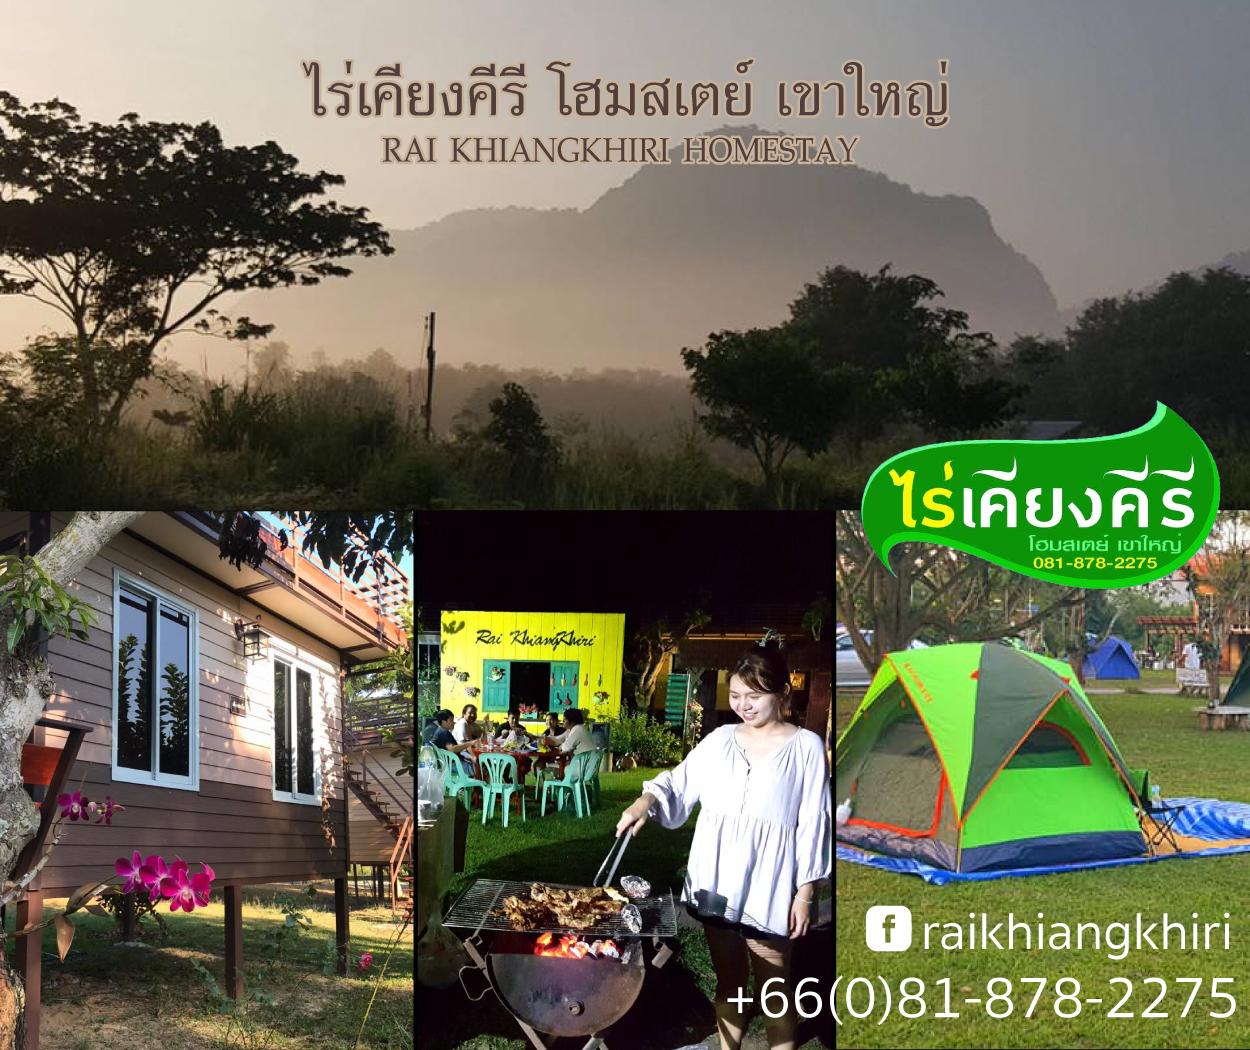 Rai Khiangkhiri Homestay Khao Yai